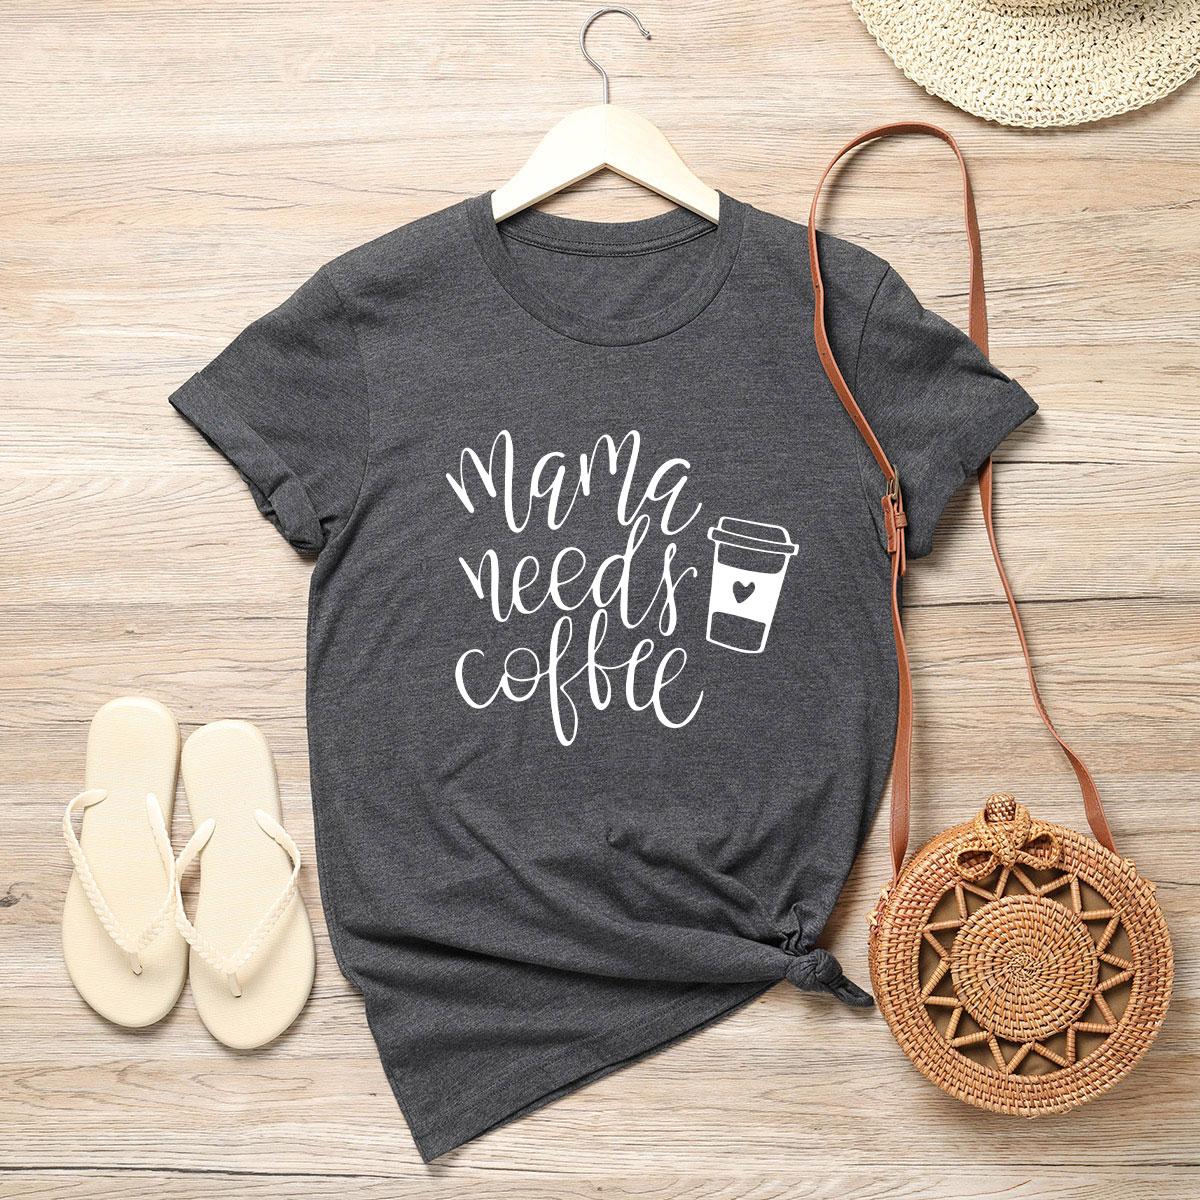 Camiseta con estampado de slogan y taza